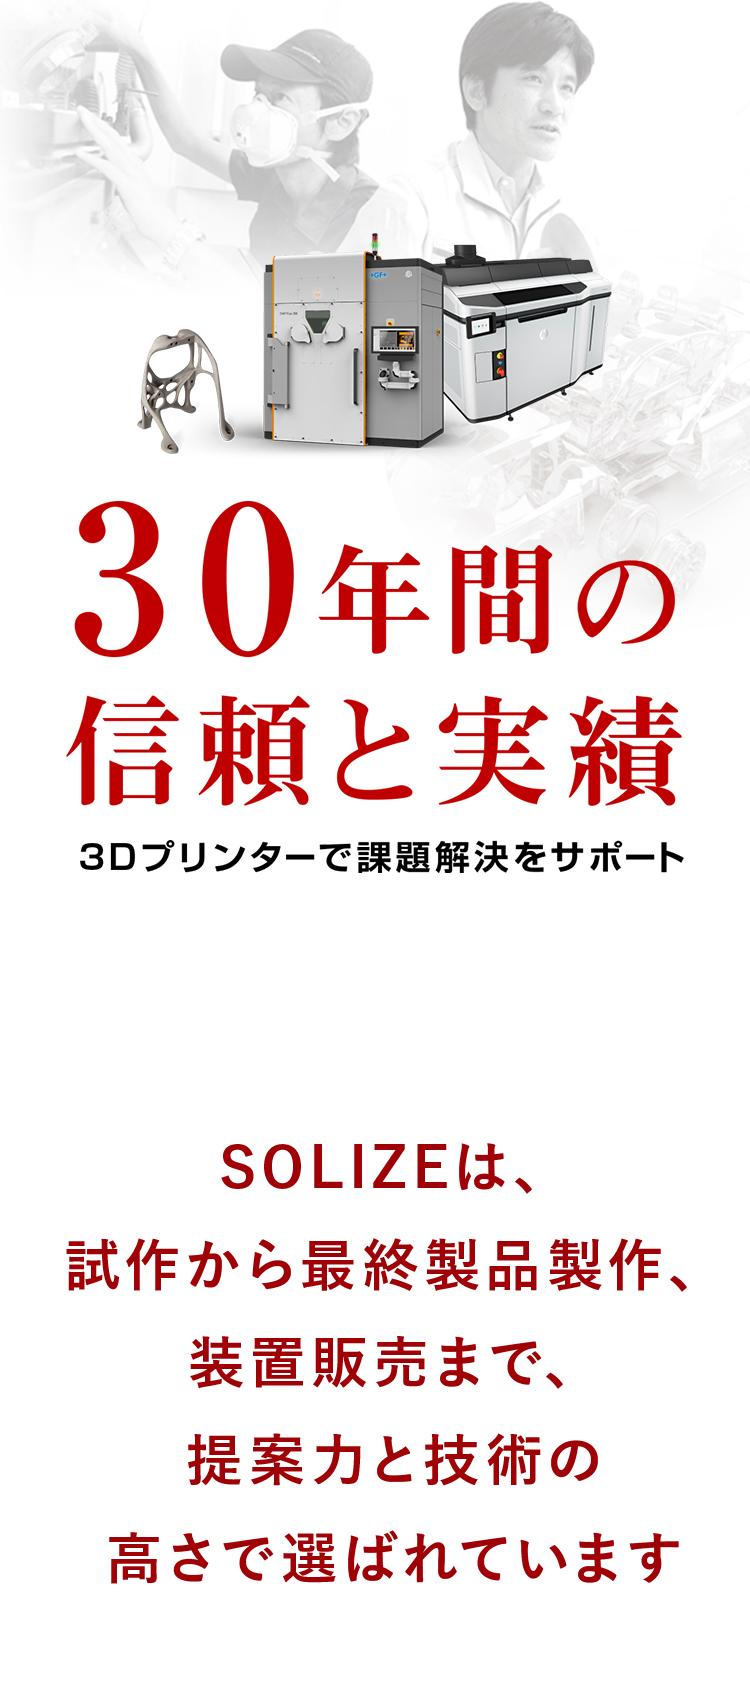 30年間の信頼と実績 3Dプリンターで課題解決をサポート SOLIZEは、試作から最終製品製作、装置販売まで、提案力と技術の高さで選ばれています